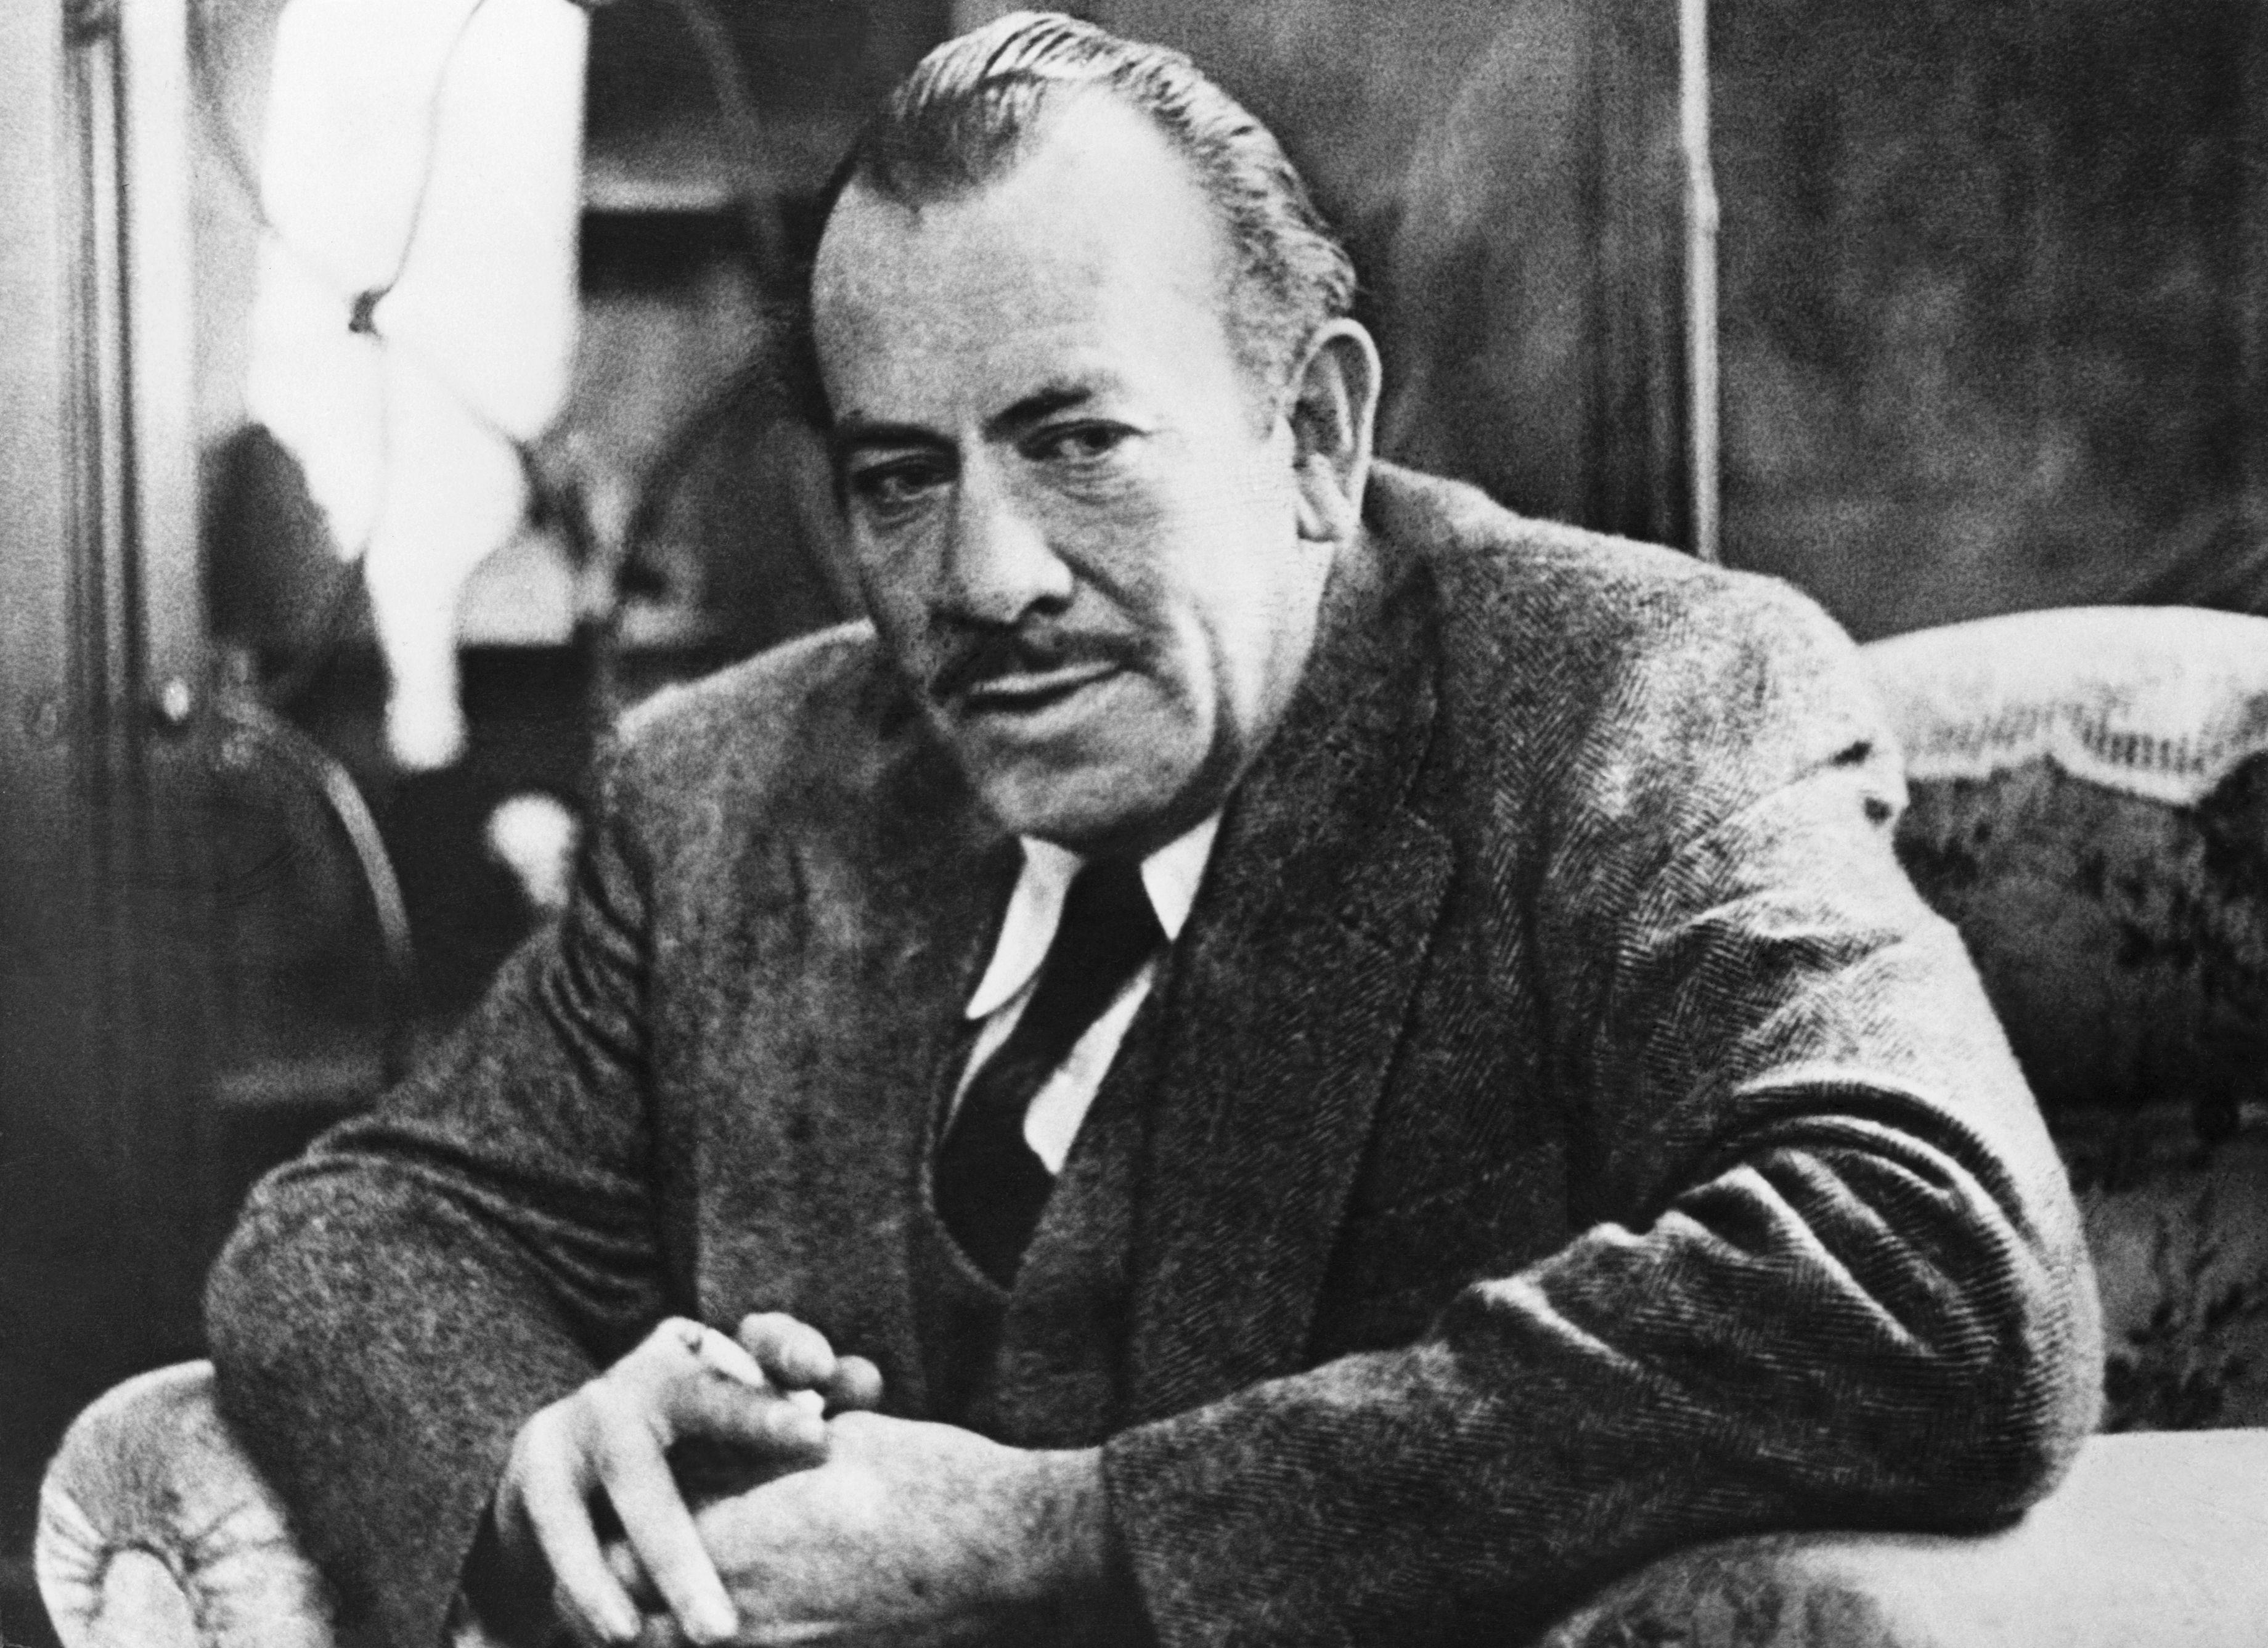 a biography of john steinbeck John steinbeck es un escritor estadounidense nacido en salinas, california en el año 1863  .